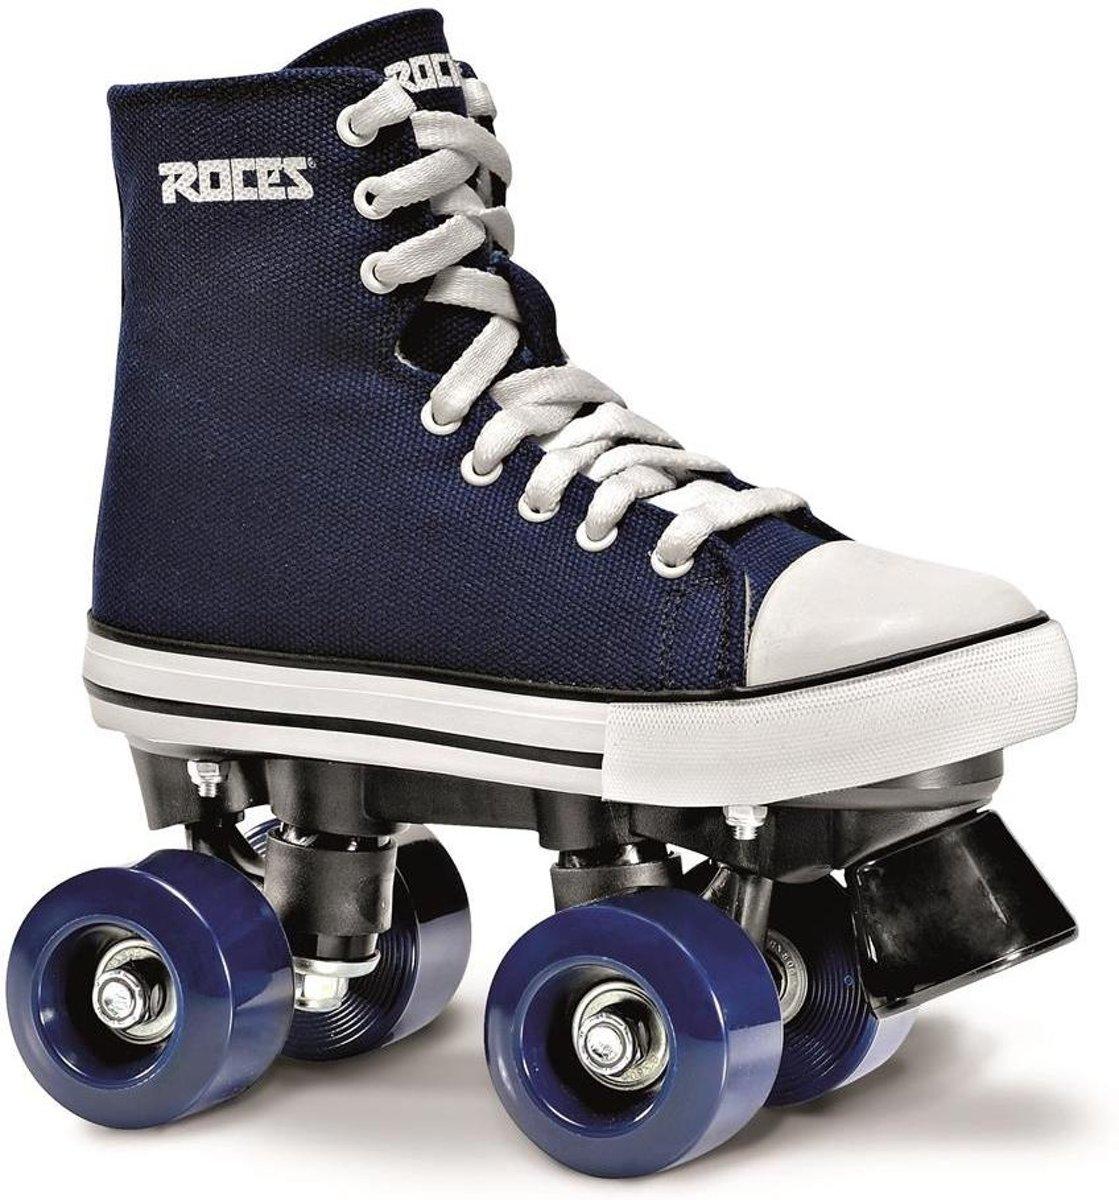 Roces Chuck Blauw/wit Maat 30 kopen